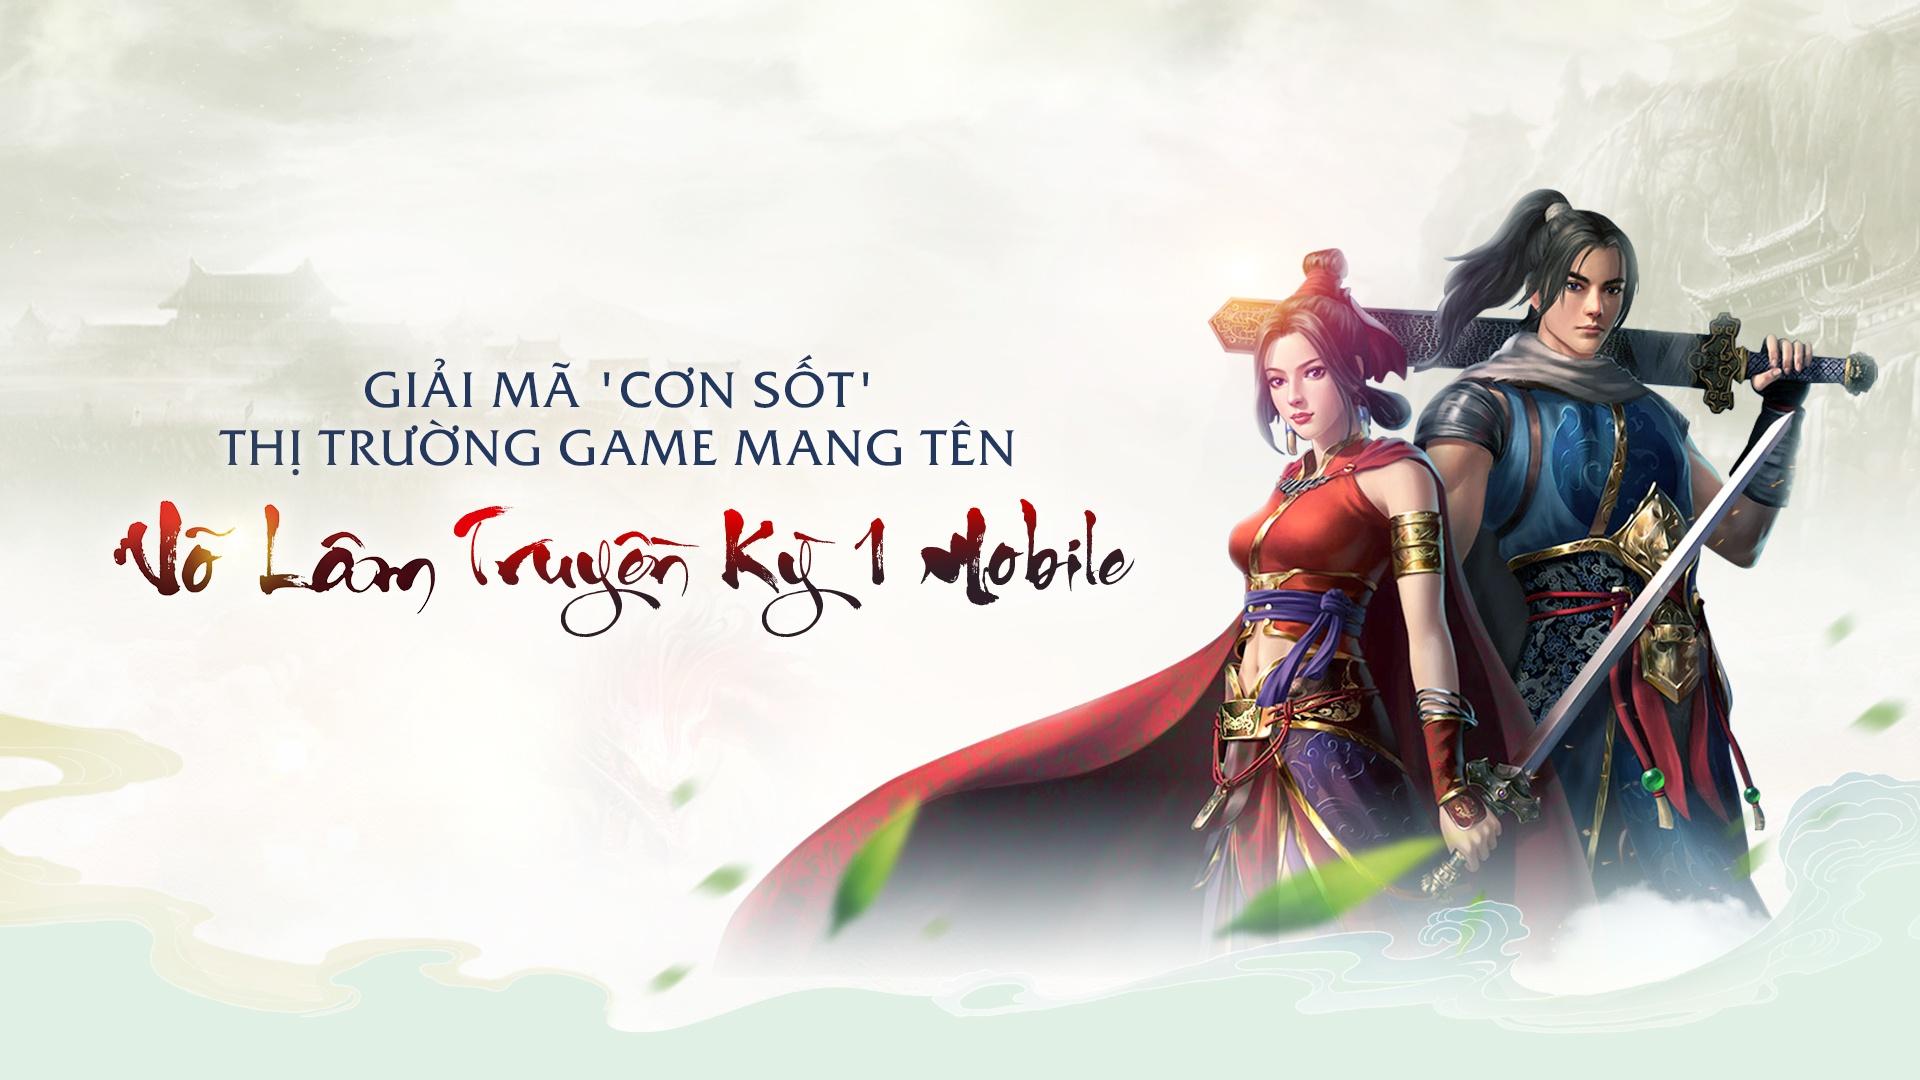 Giải mã 'cơn sốt' thị trường game mang tên Võ Lâm Truyền Kỳ 1 Mobile